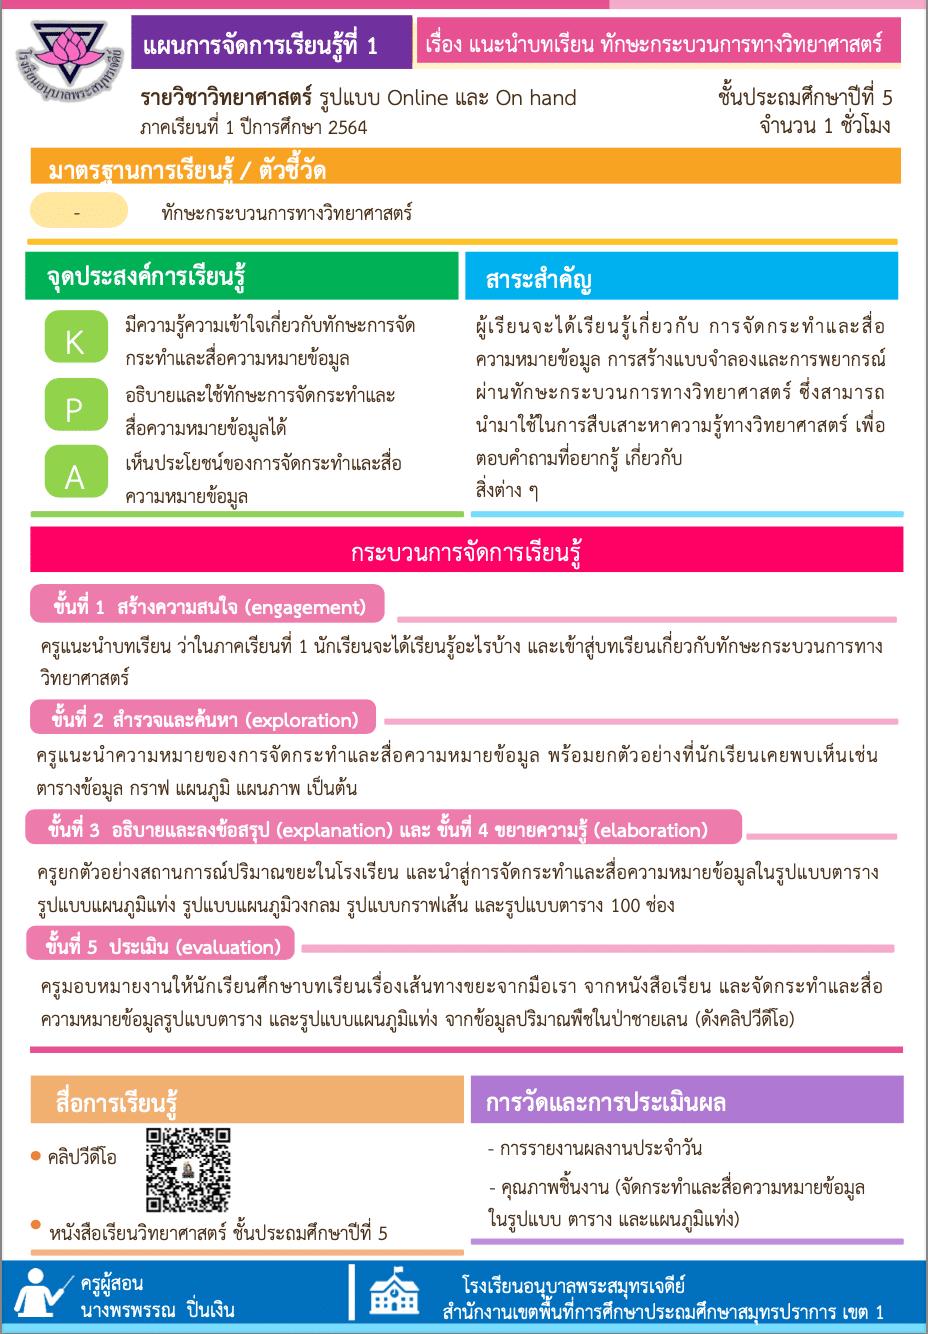 แจกฟรี!! แผนการจัดการเรียนรู้รูปแบบ Online และ On Hand วิทยาศาสตร์ ป.5 หน่วยที่ 1 เครดิตเพจ สอนวิทย์ By Kroo BB